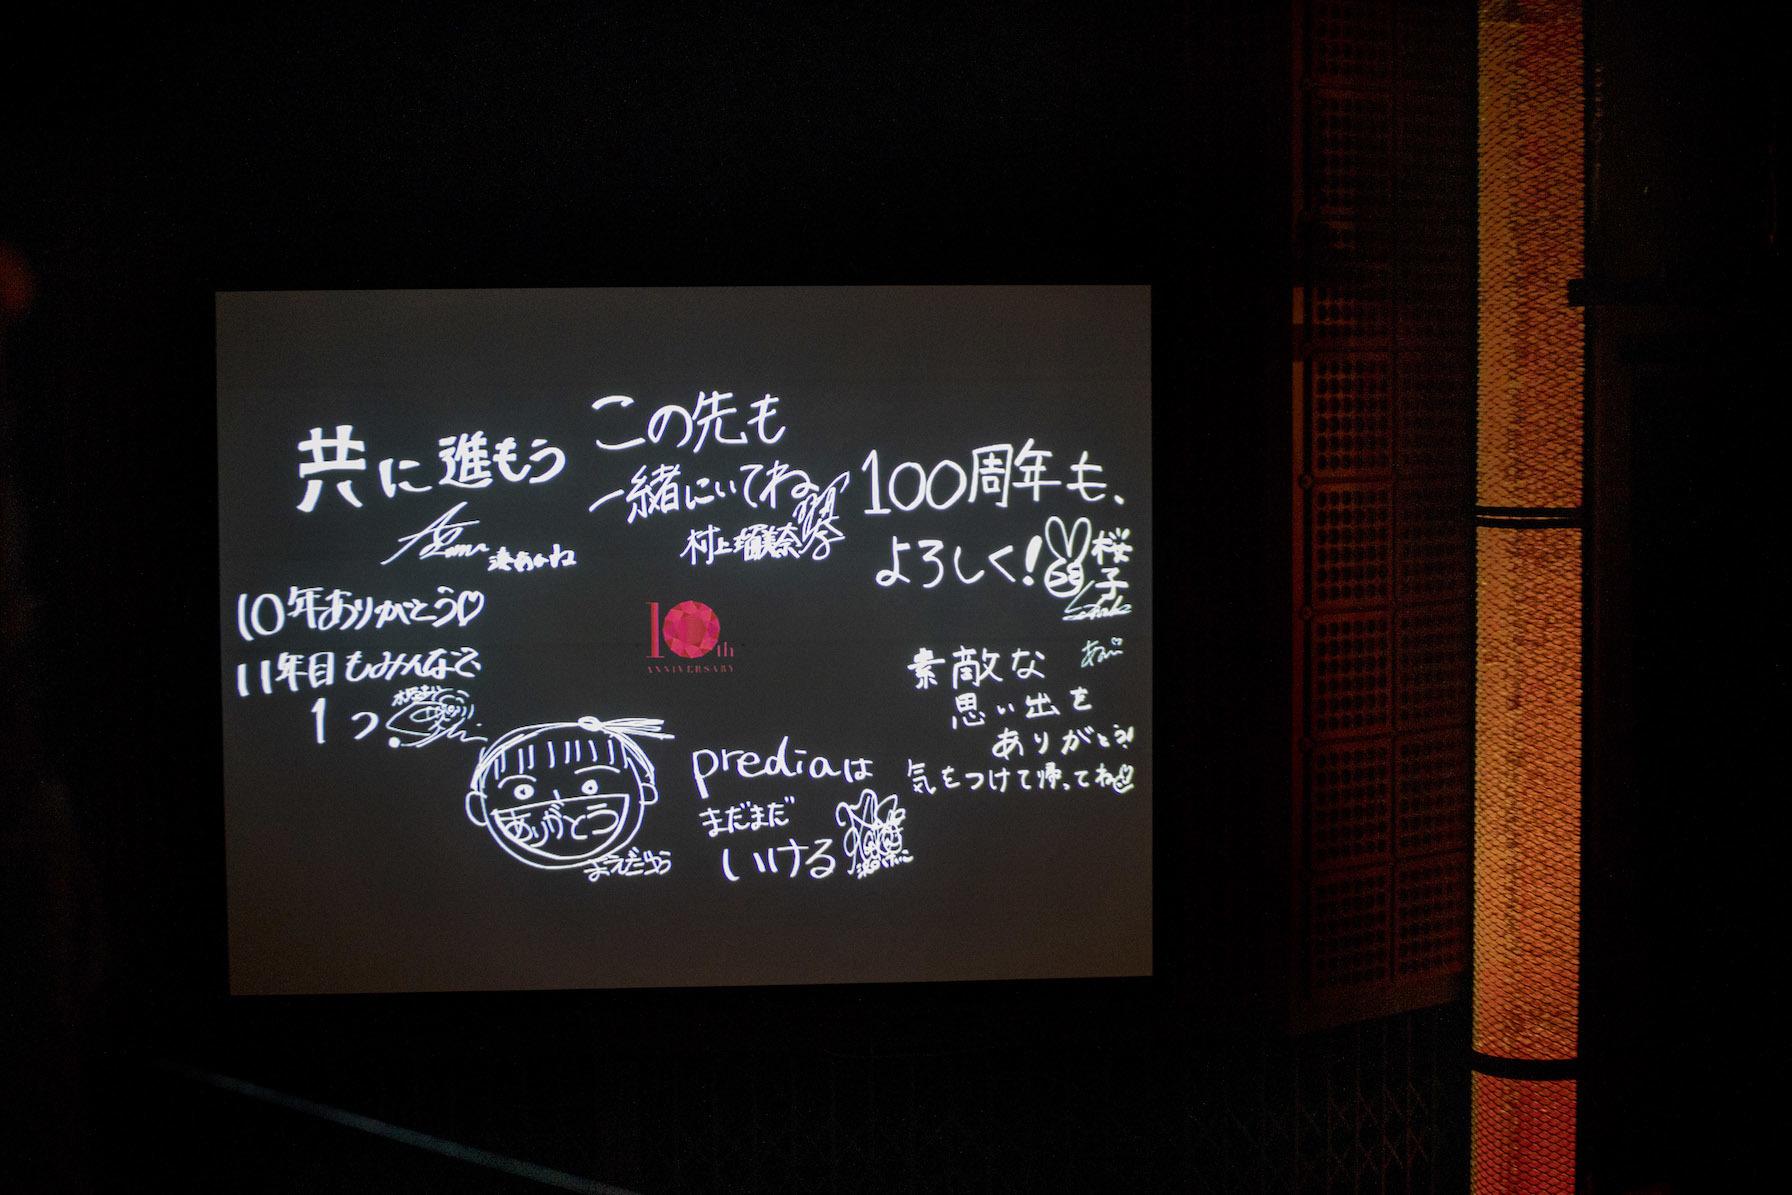 predia10周年記念ライブ公式レポート